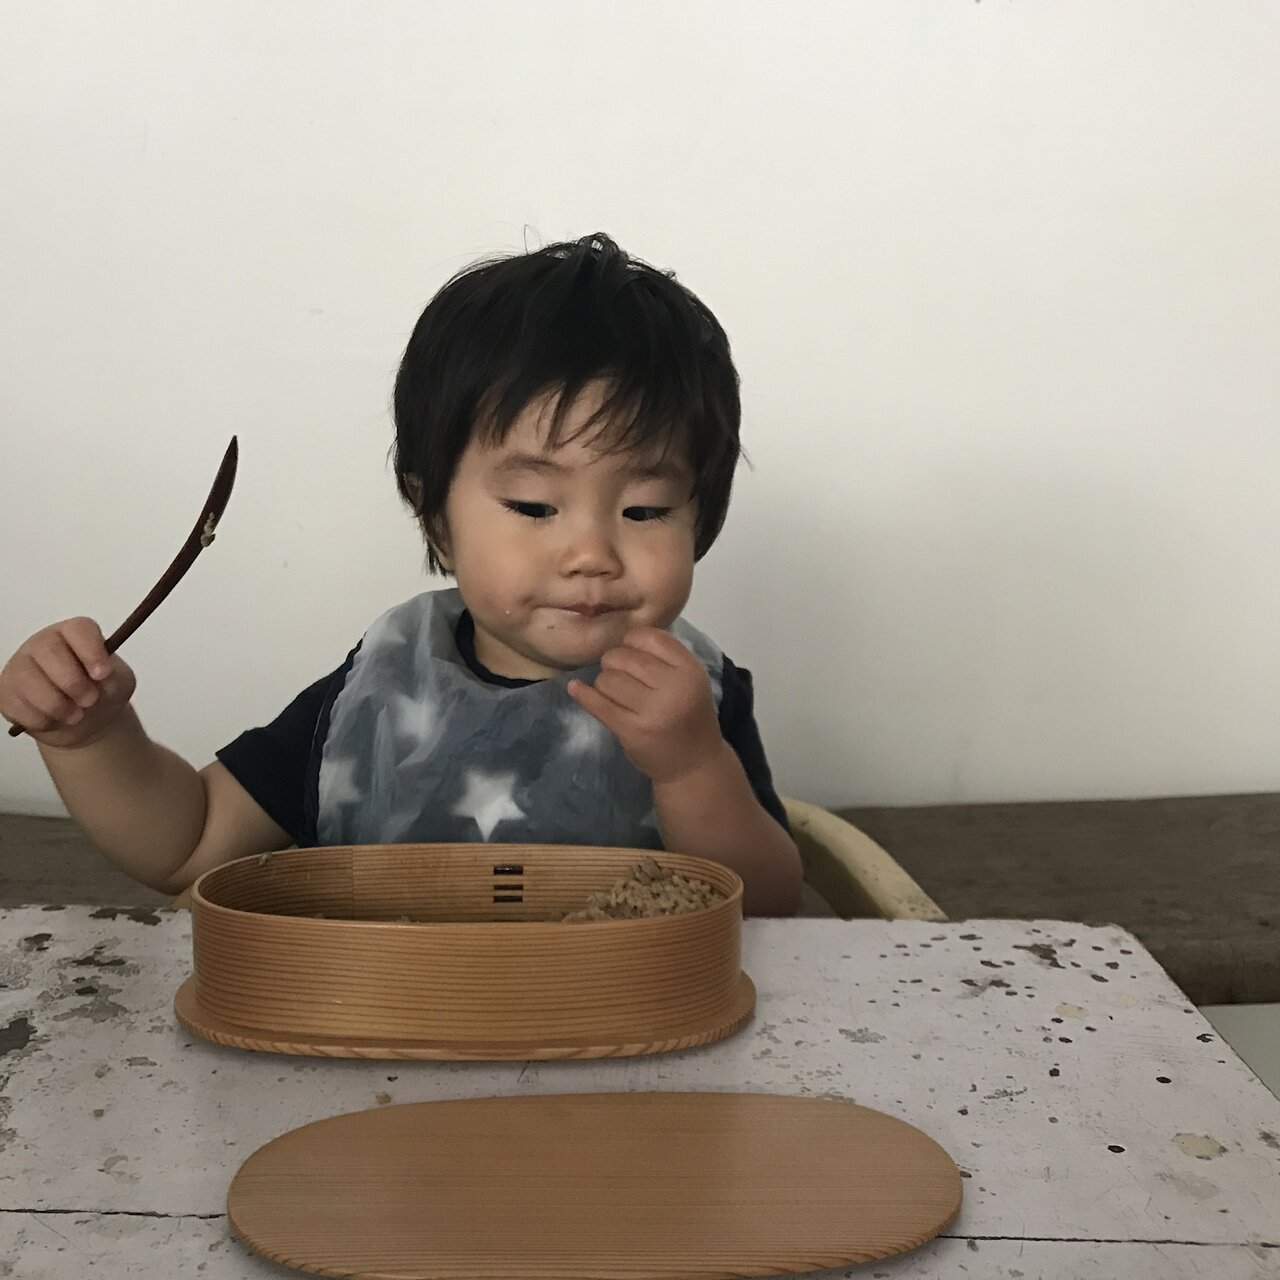 わっぱに入れたごはんを食べる息子さん。<br> 写真提供 植松良枝